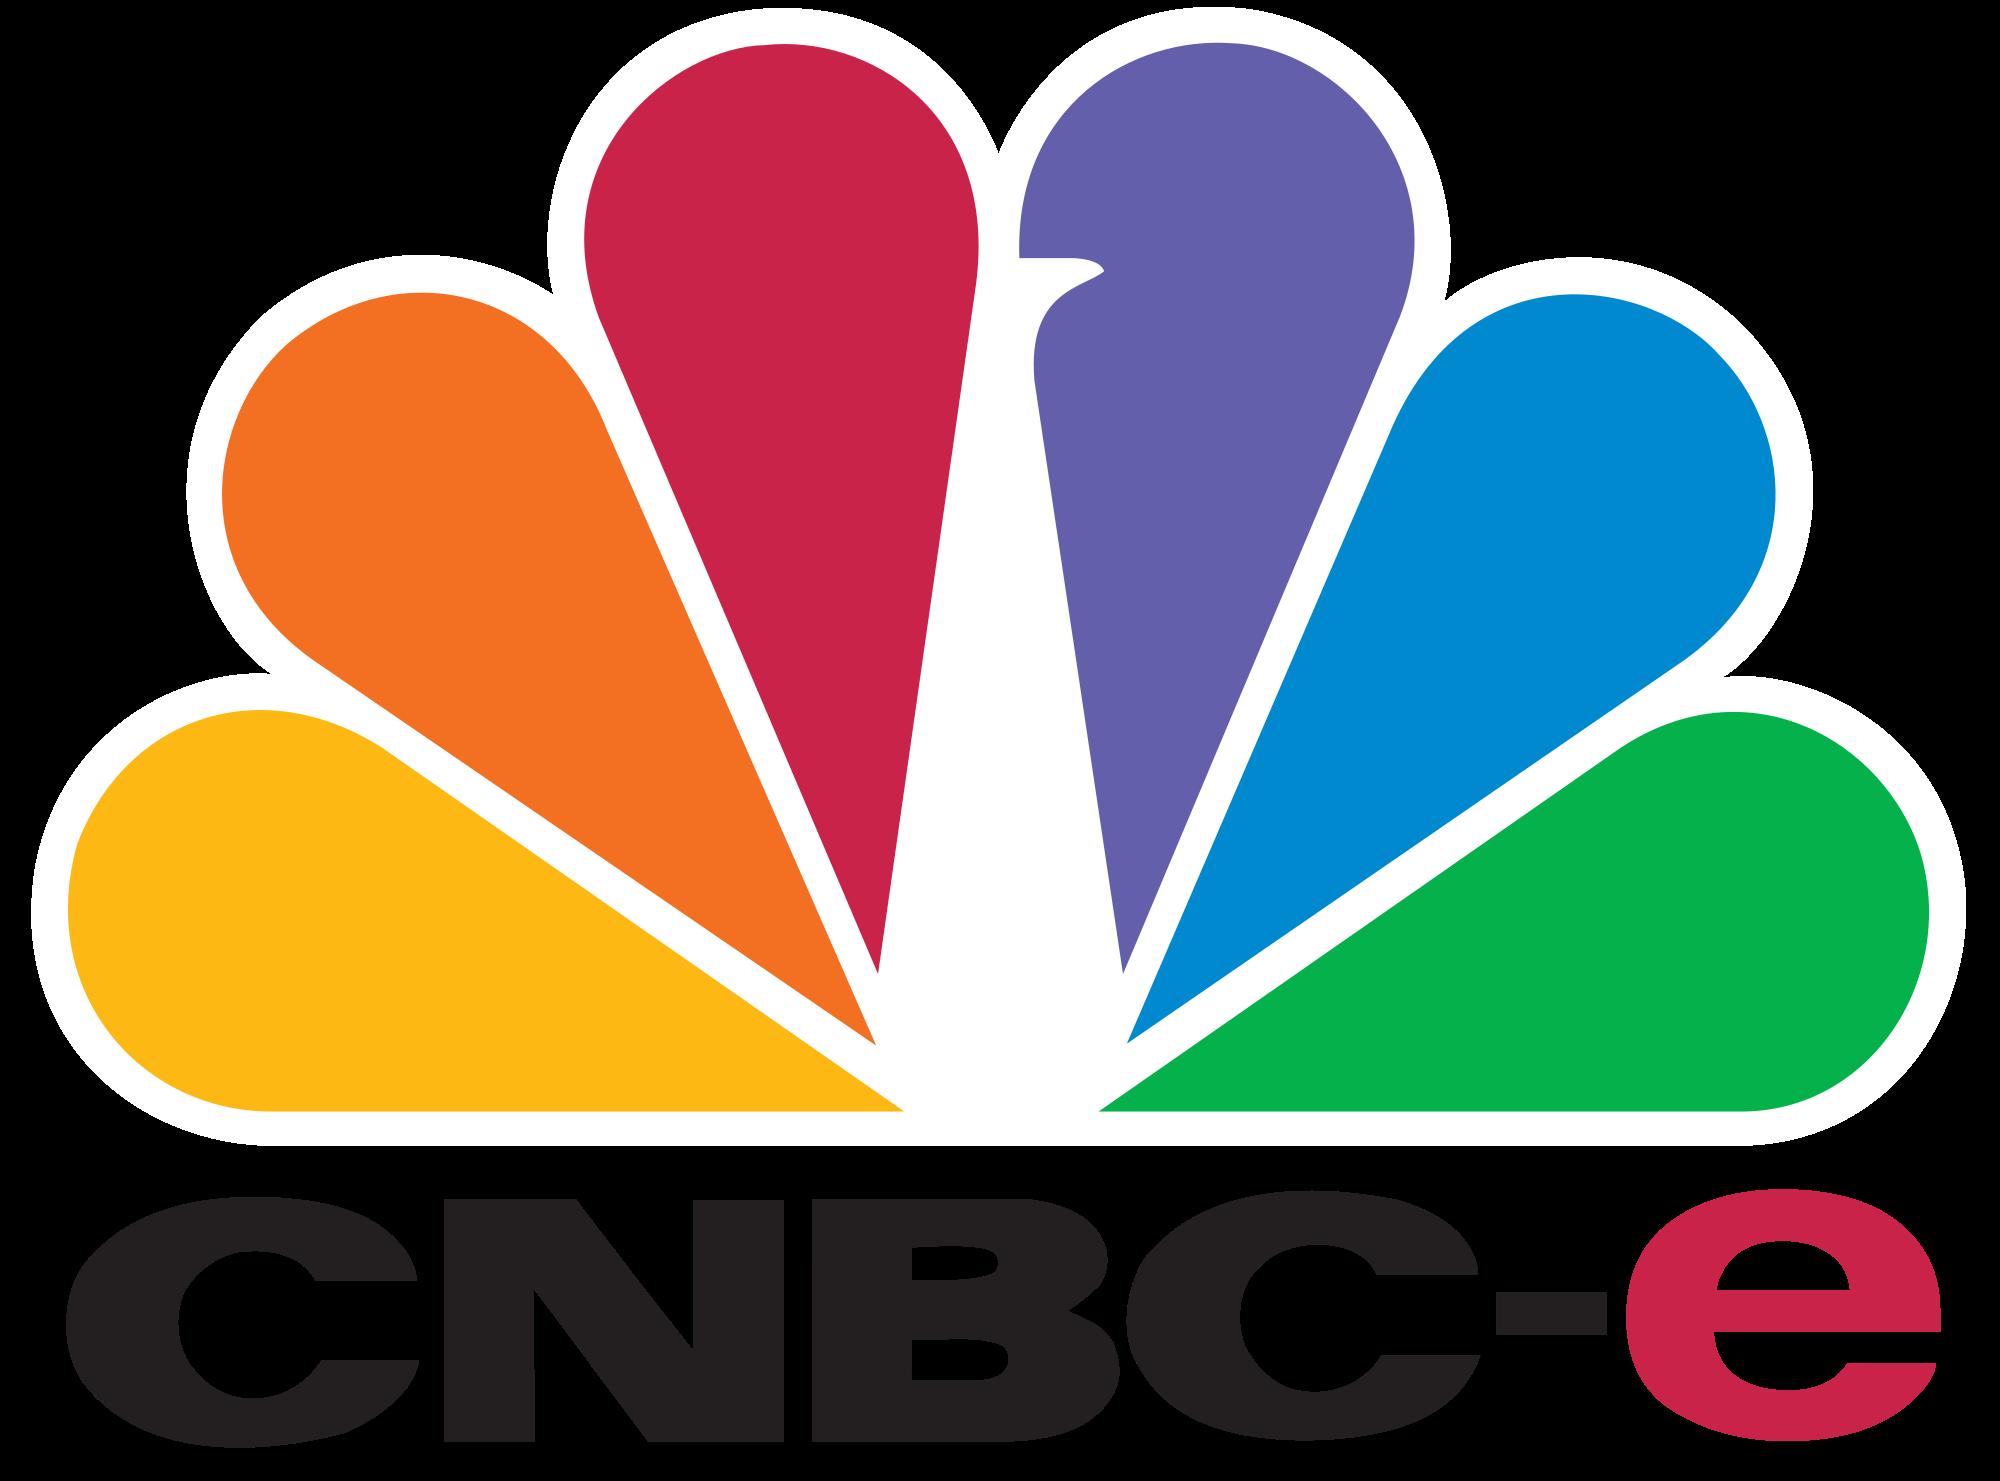 CNBC-e